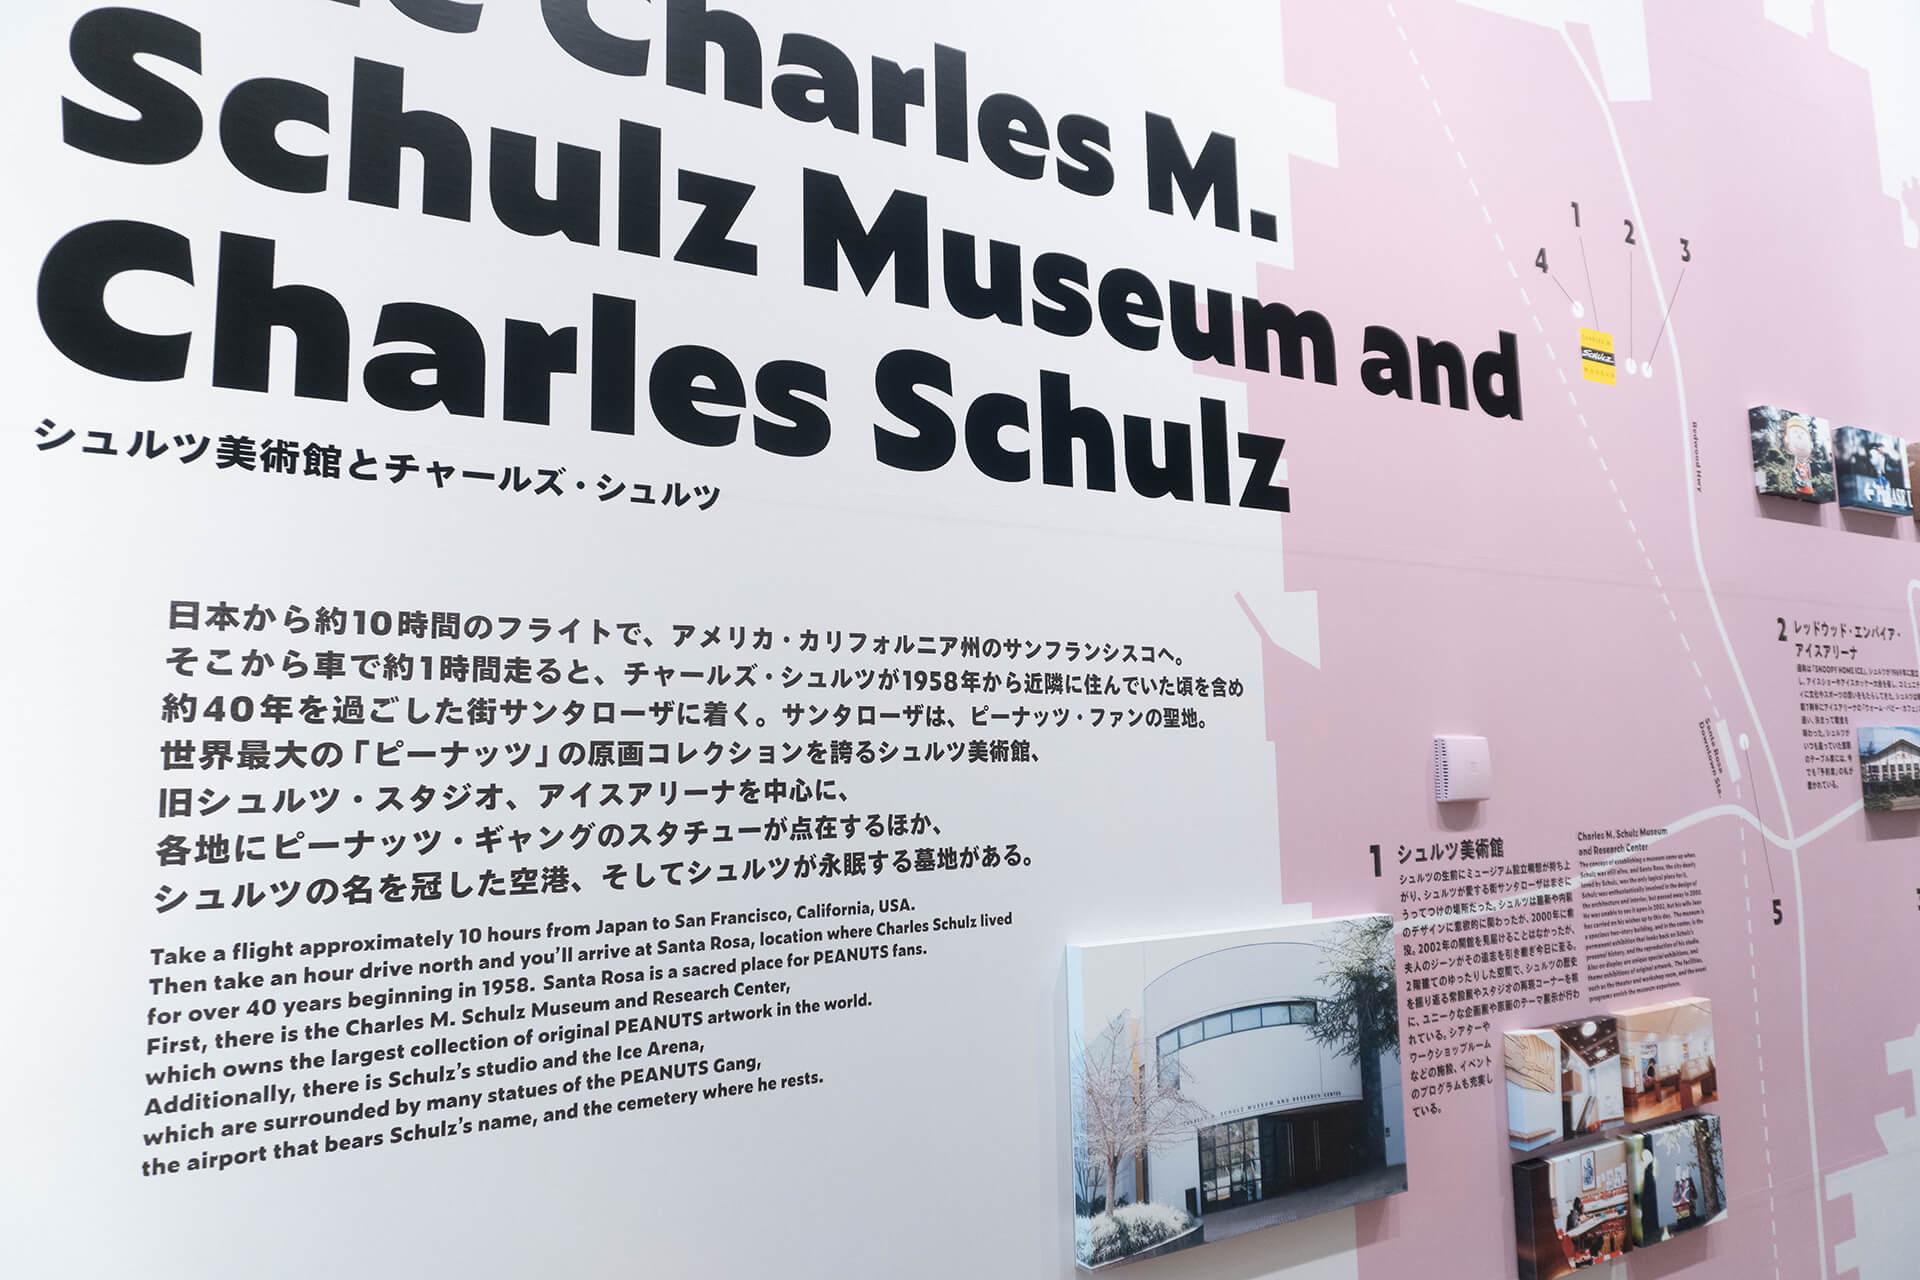 スヌーピーミュージアム東京・シュルツ美術館